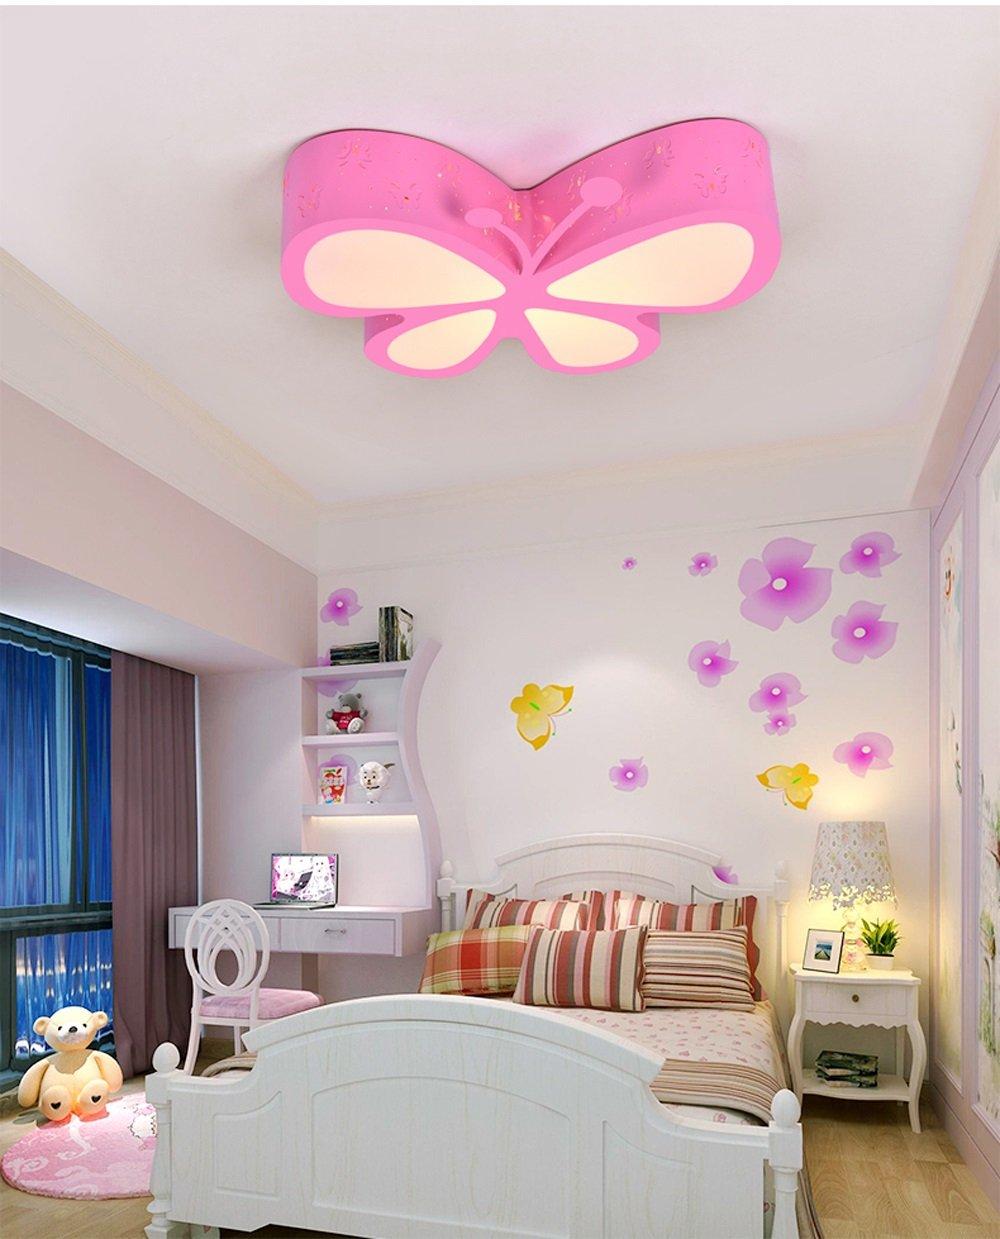 Kronleuchter Deckenleuchte Schmetterling Lampe, Schöne LED Deckenleuchte Wohnzimmer Wohnzimmer Wohnzimmer Schlafzimmer Mädchen Und Baby Acryl Deckenleuchte (pink Grün) (Farbe   Pink) 43b325